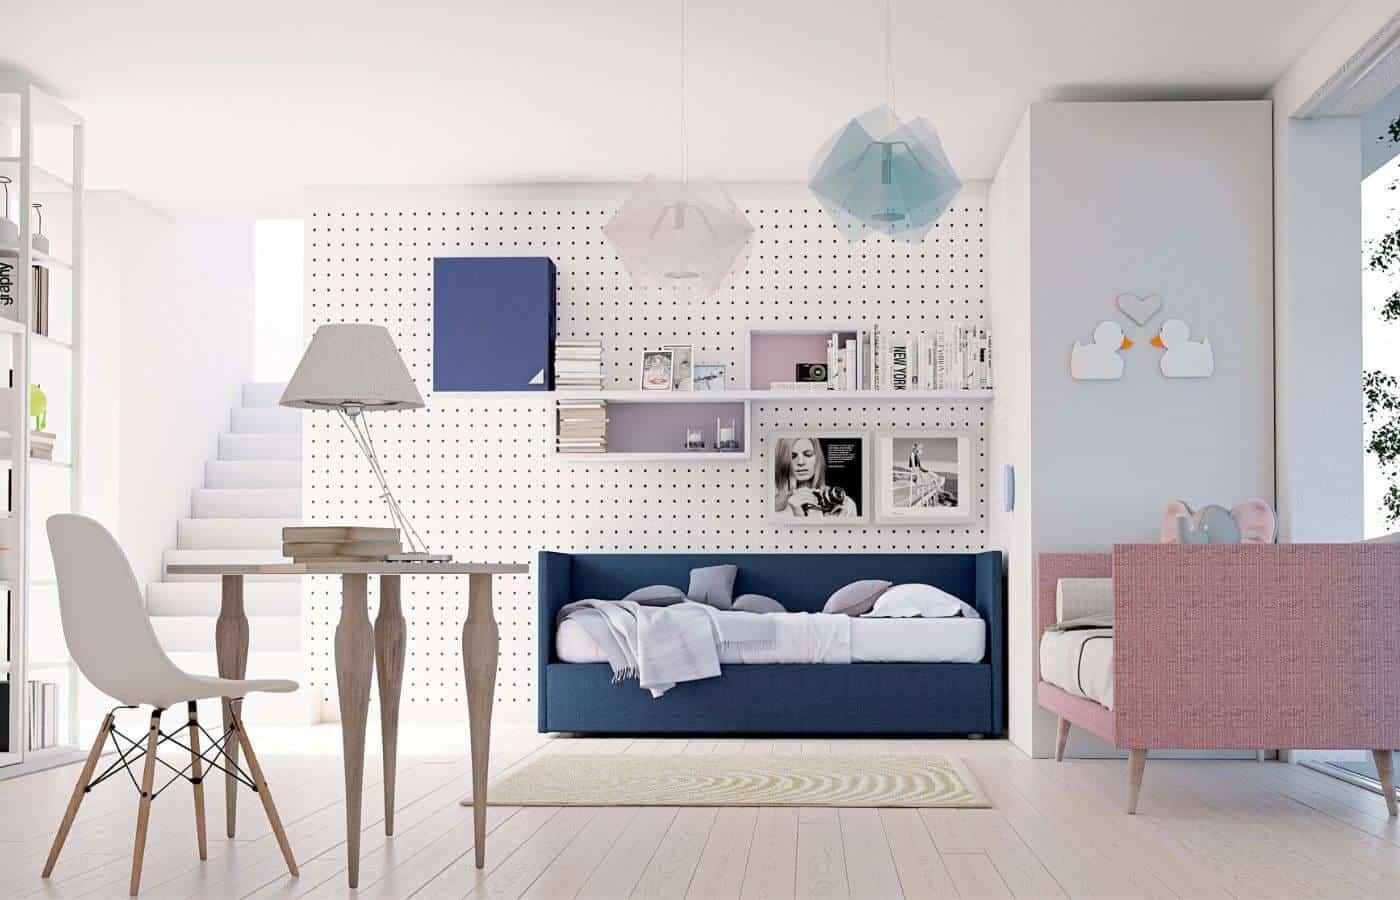 camerette-letto-tessile-collezione-sanremo-il-mobile